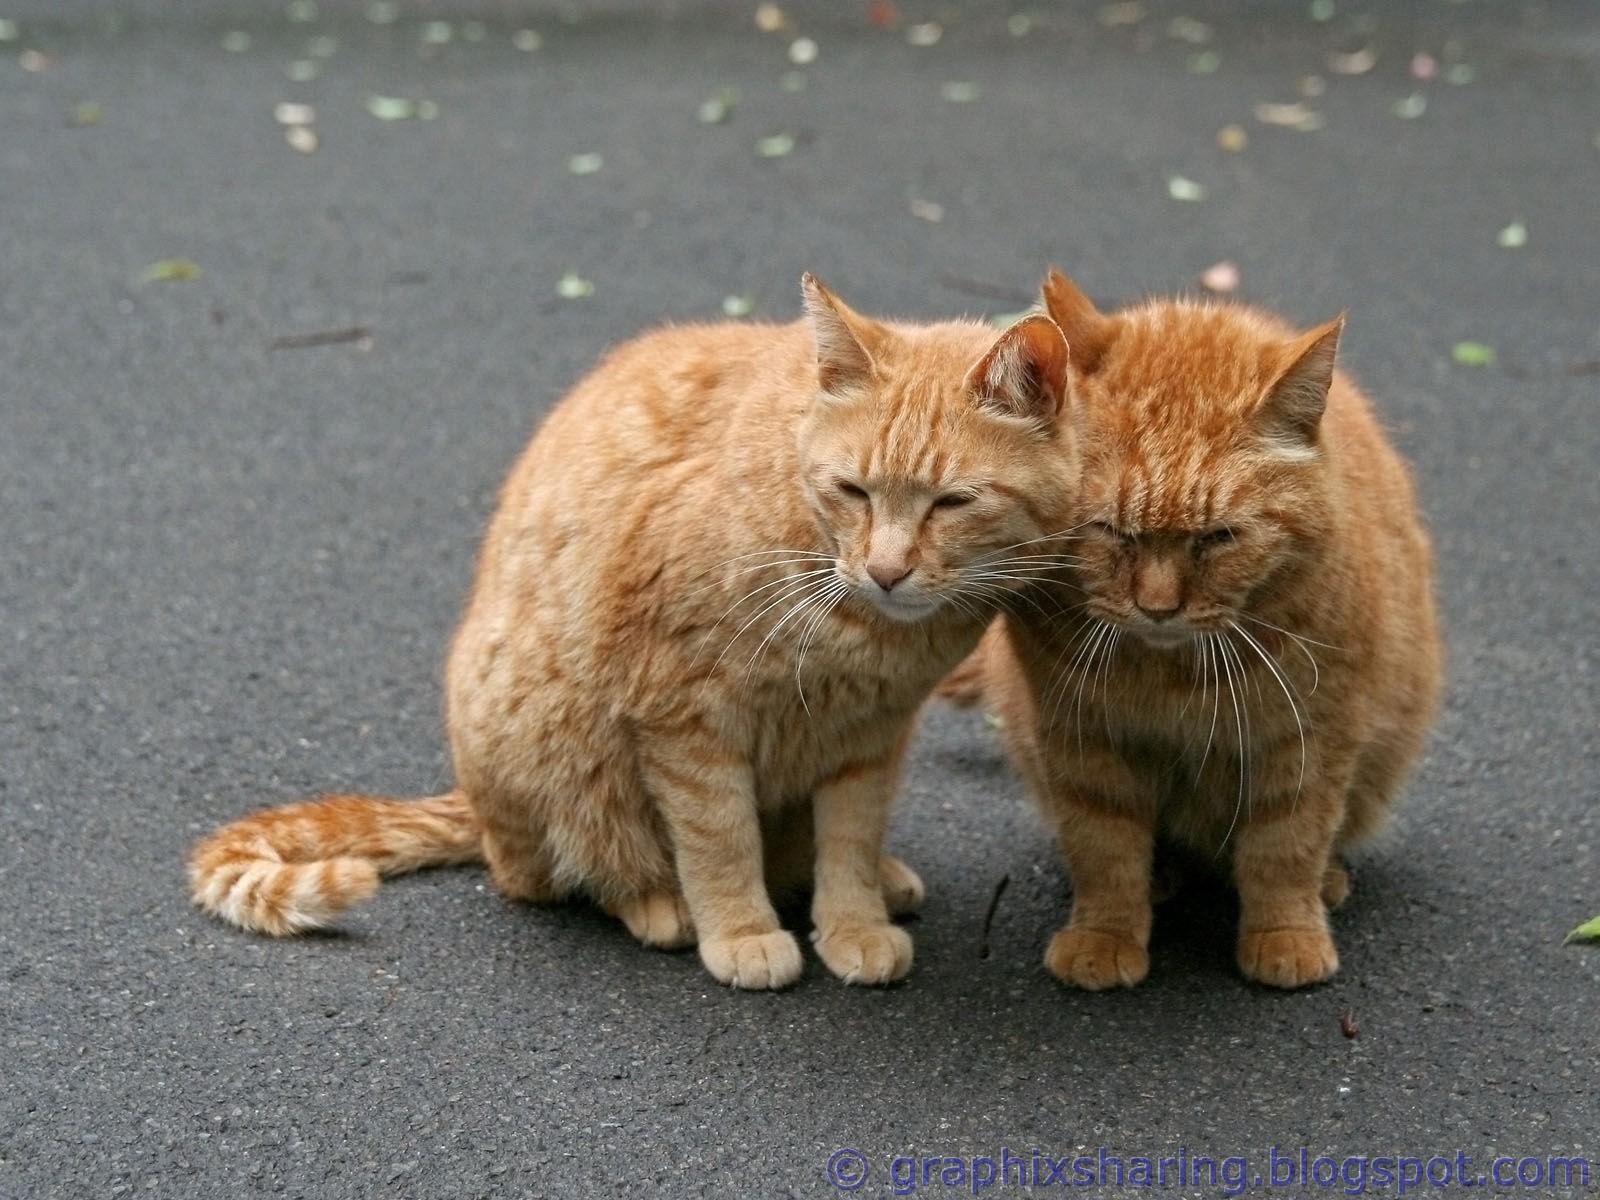 http://3.bp.blogspot.com/-gx0ratbh9Gw/TplQJRkbFMI/AAAAAAAAALg/TGawExTbqXM/s1600/Funny+Cats+Wallpapers+%252813%2529.jpg